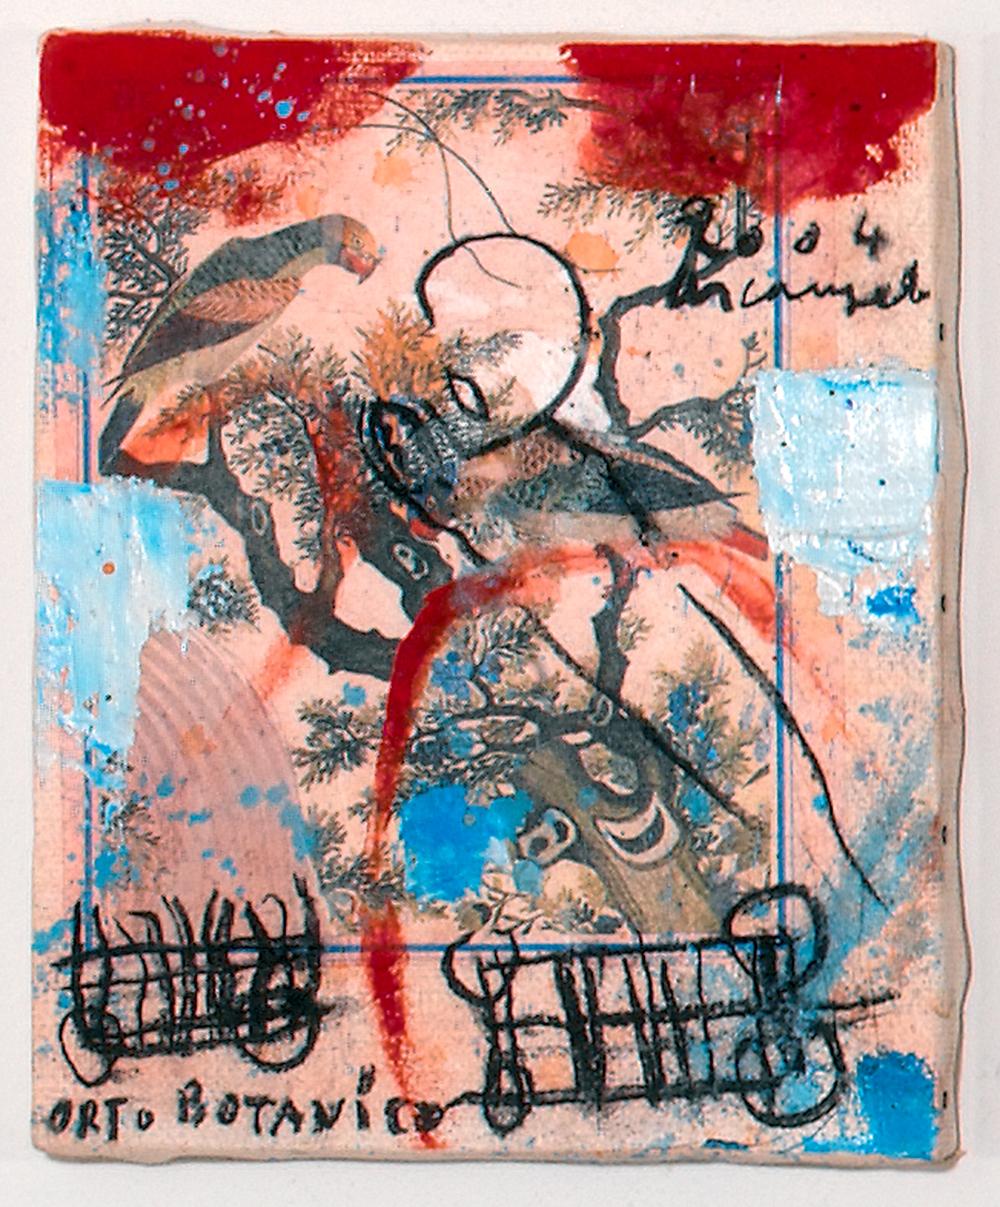 Orto botanico, 2004, tecnica mista su carta intelata, cm 30x24